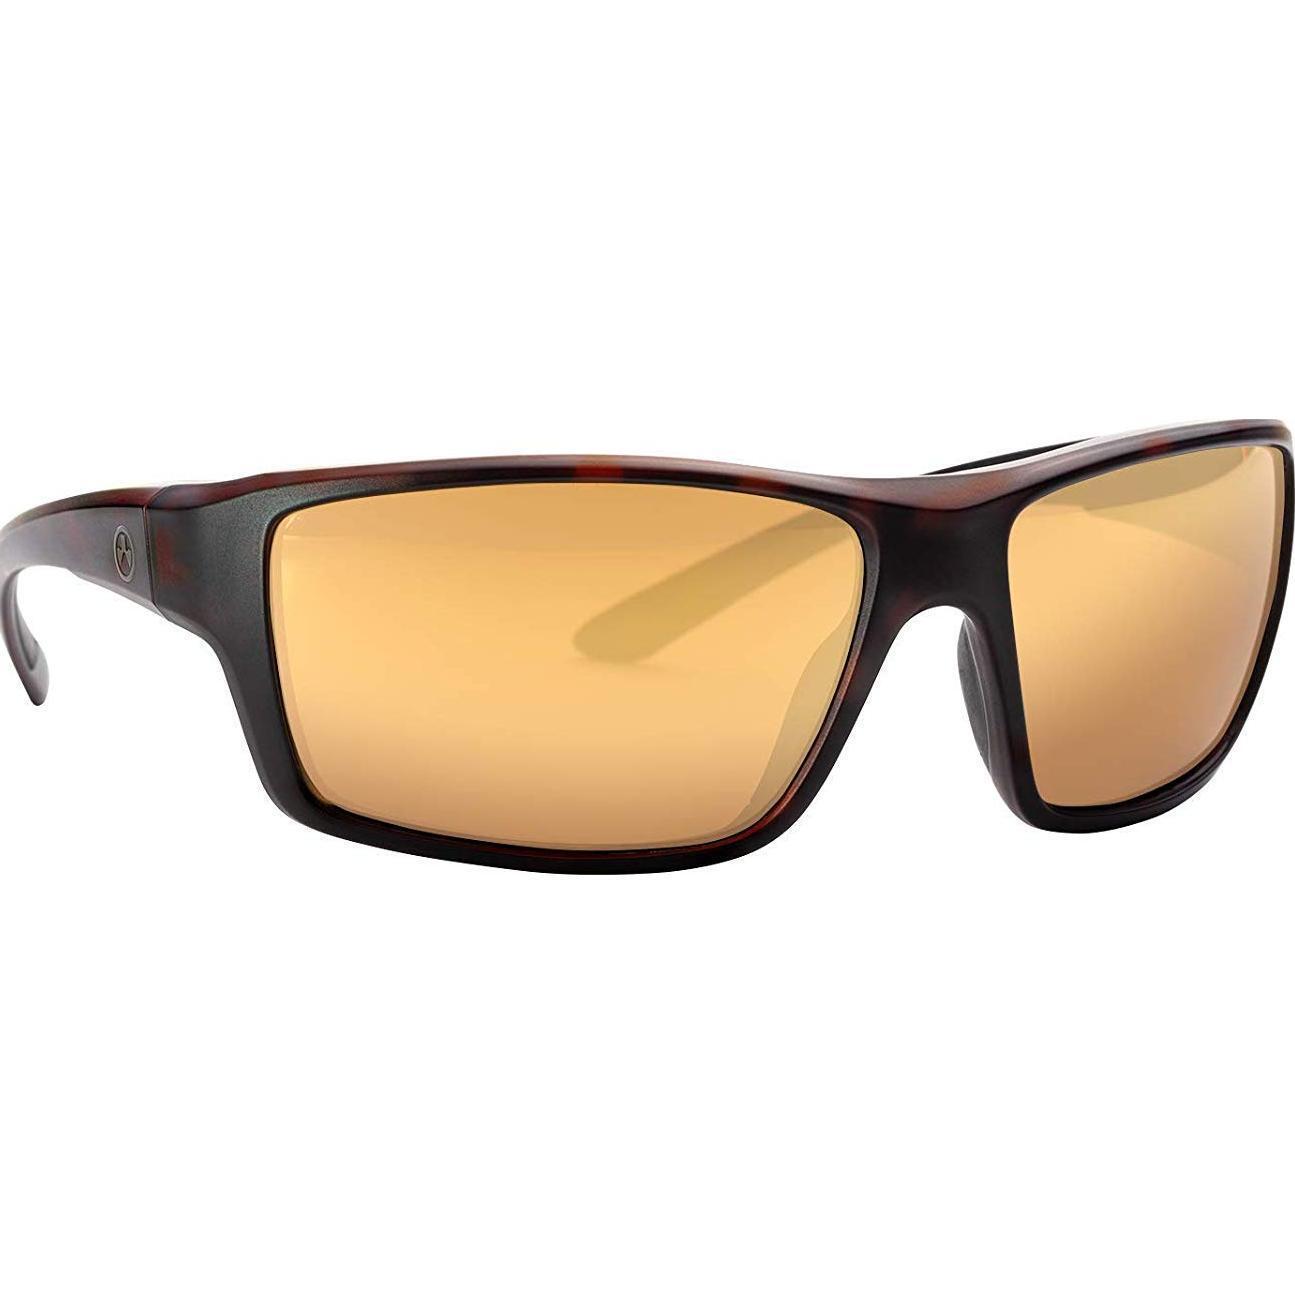 Magpul Summit Gafas Polarizadas, Bronce Lente, medio oro marco Grande, Tortuga